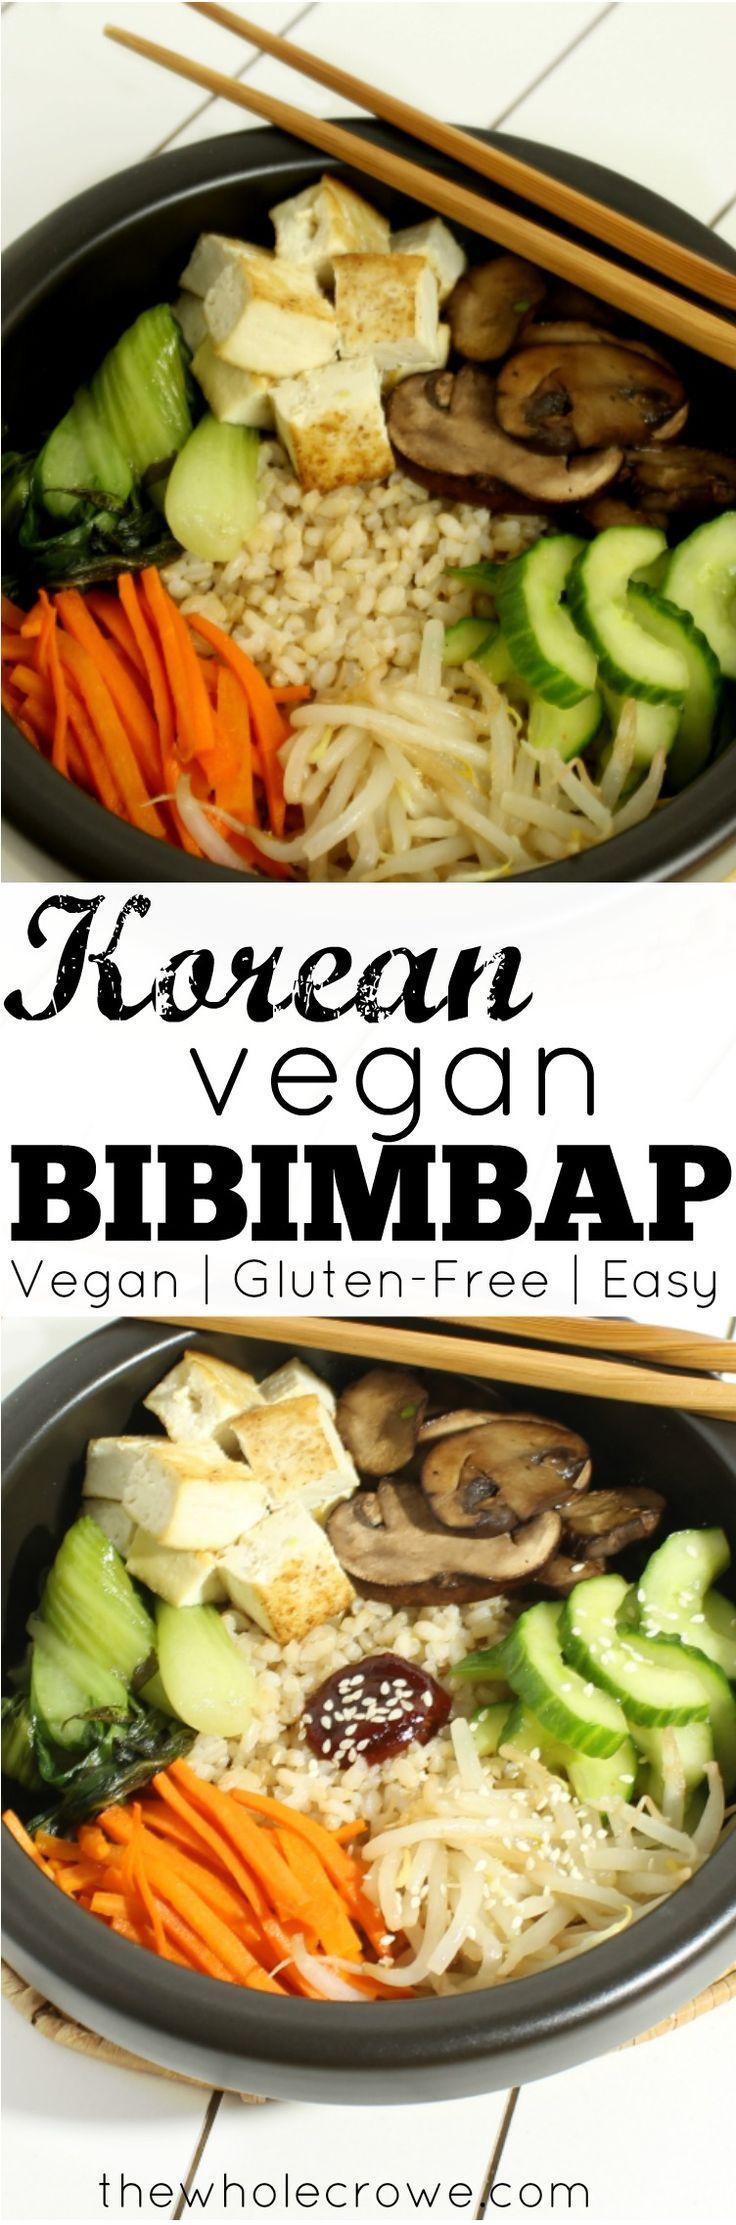 Korean Vegan Bibimbap